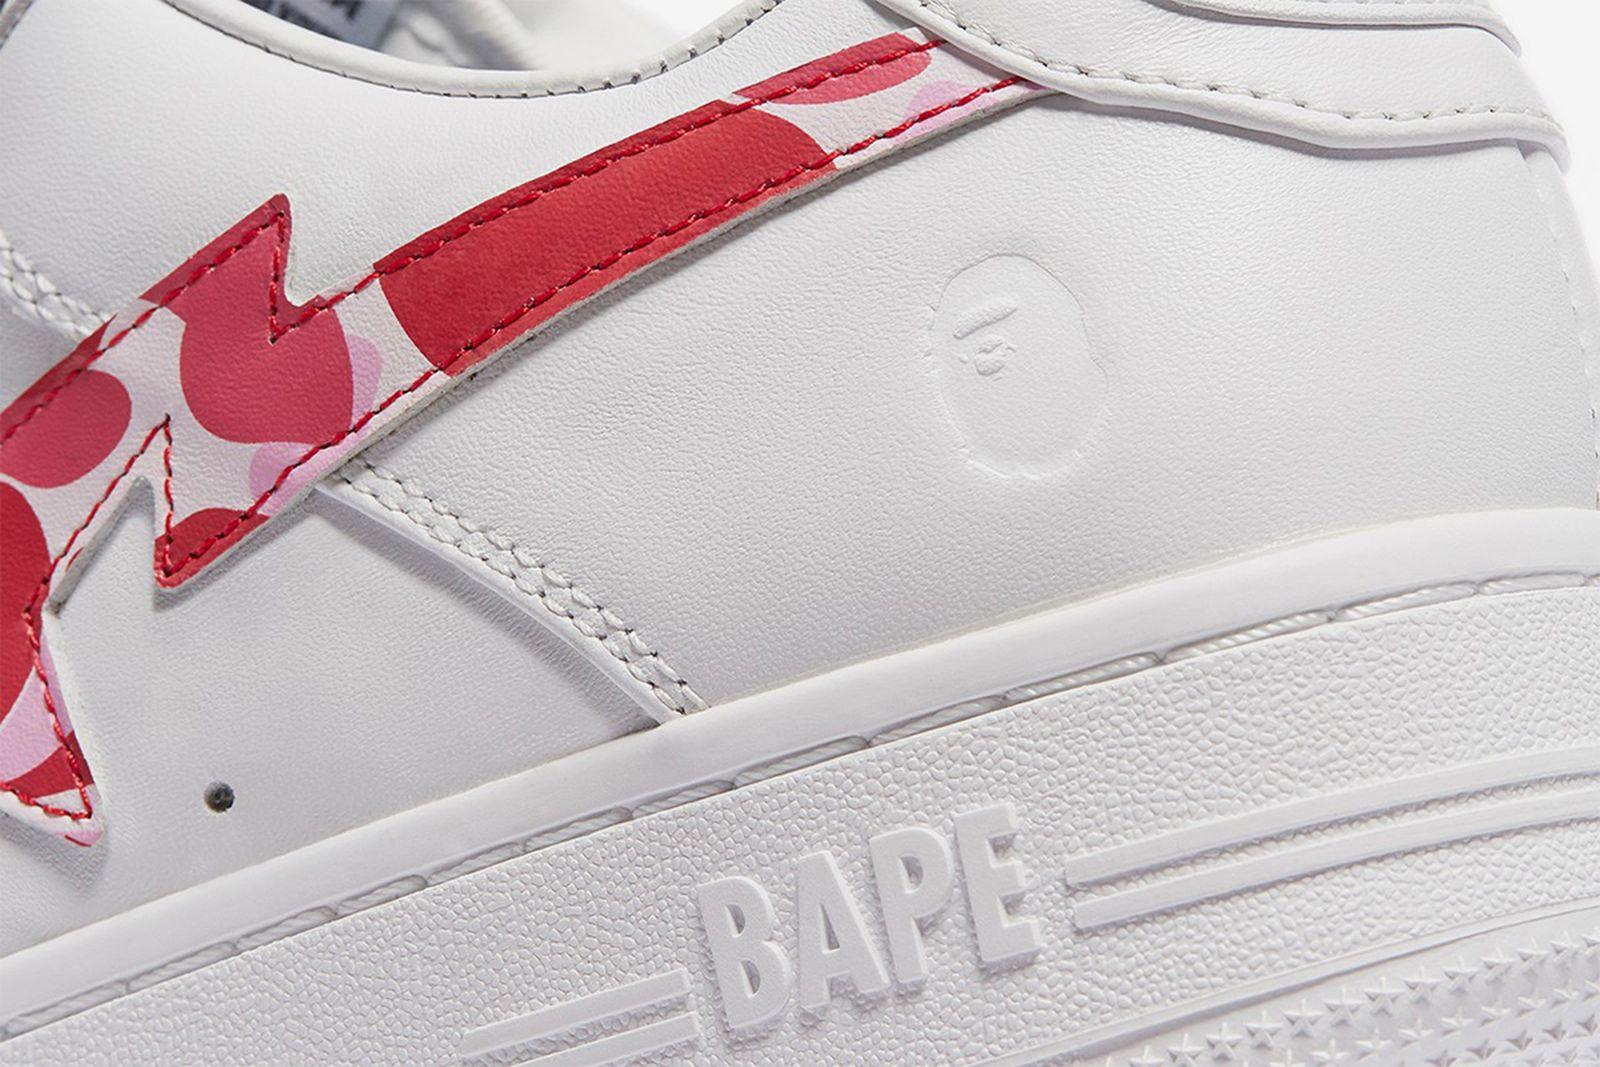 bape-sta-abc-camo-2021-release-date-price-1-09